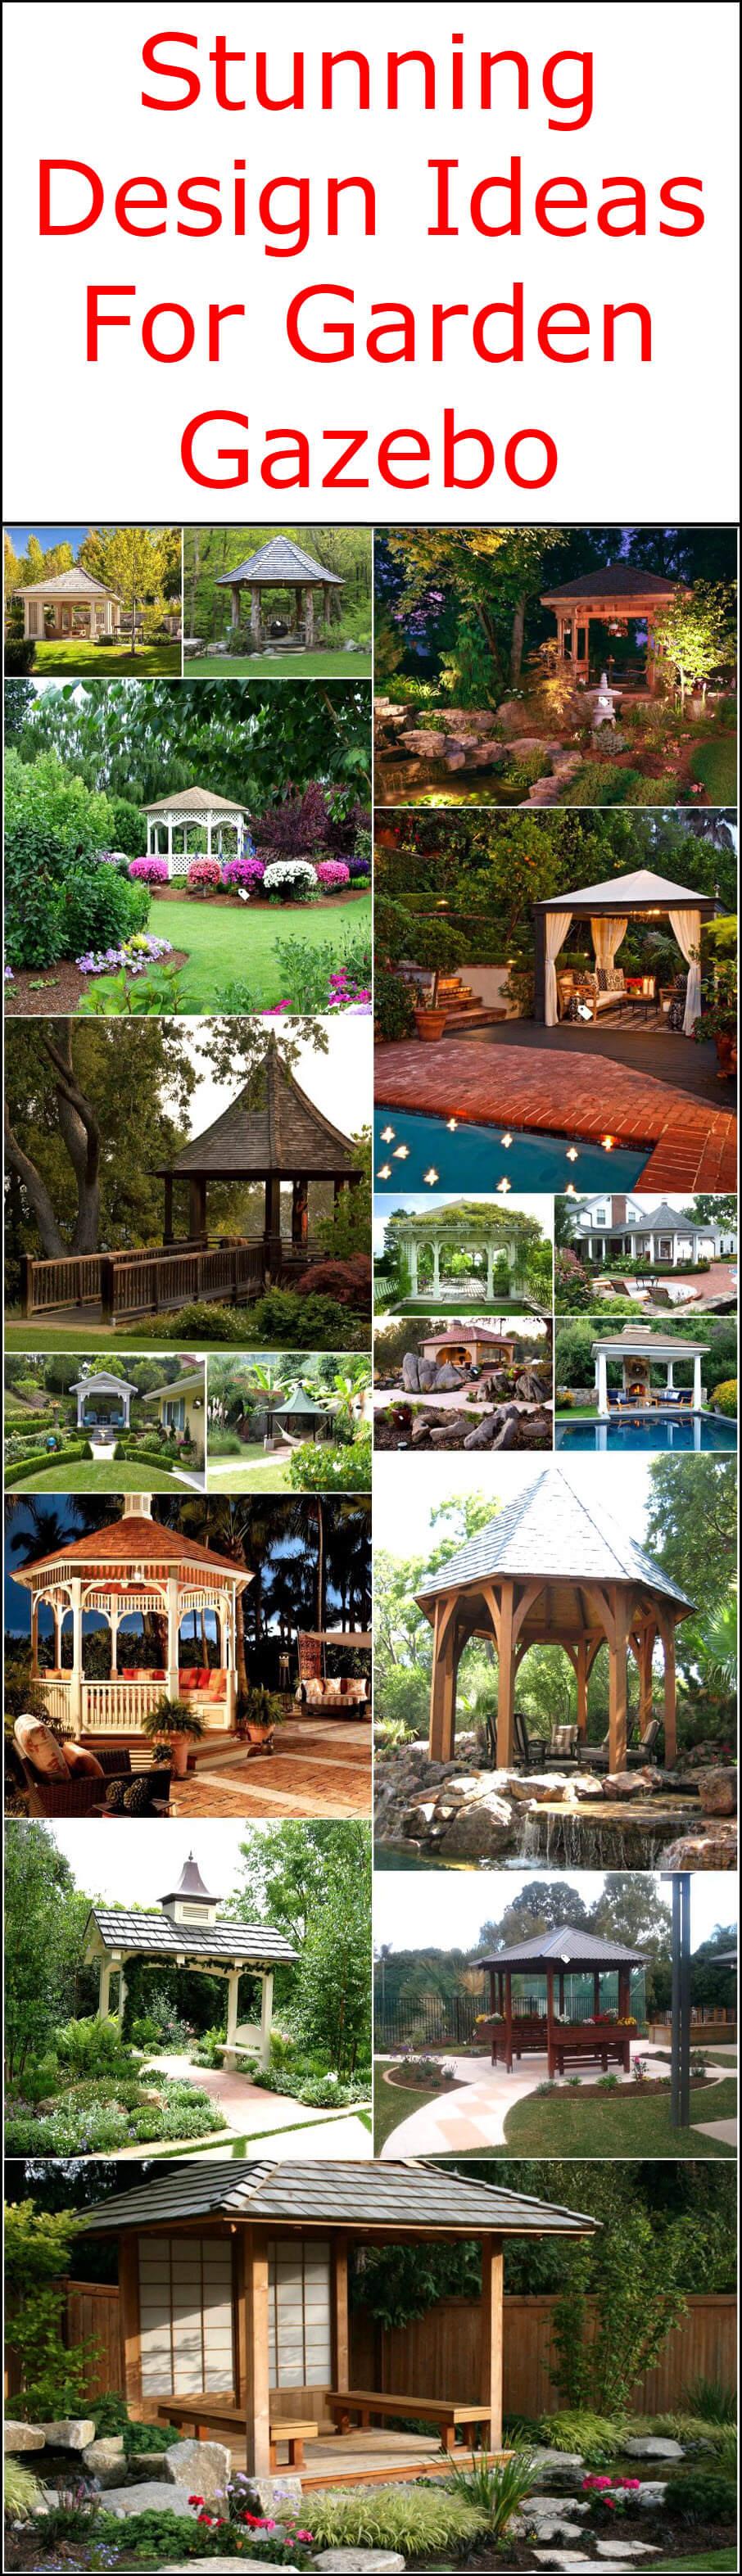 Stunning Design Ideas For Garden Gazebo